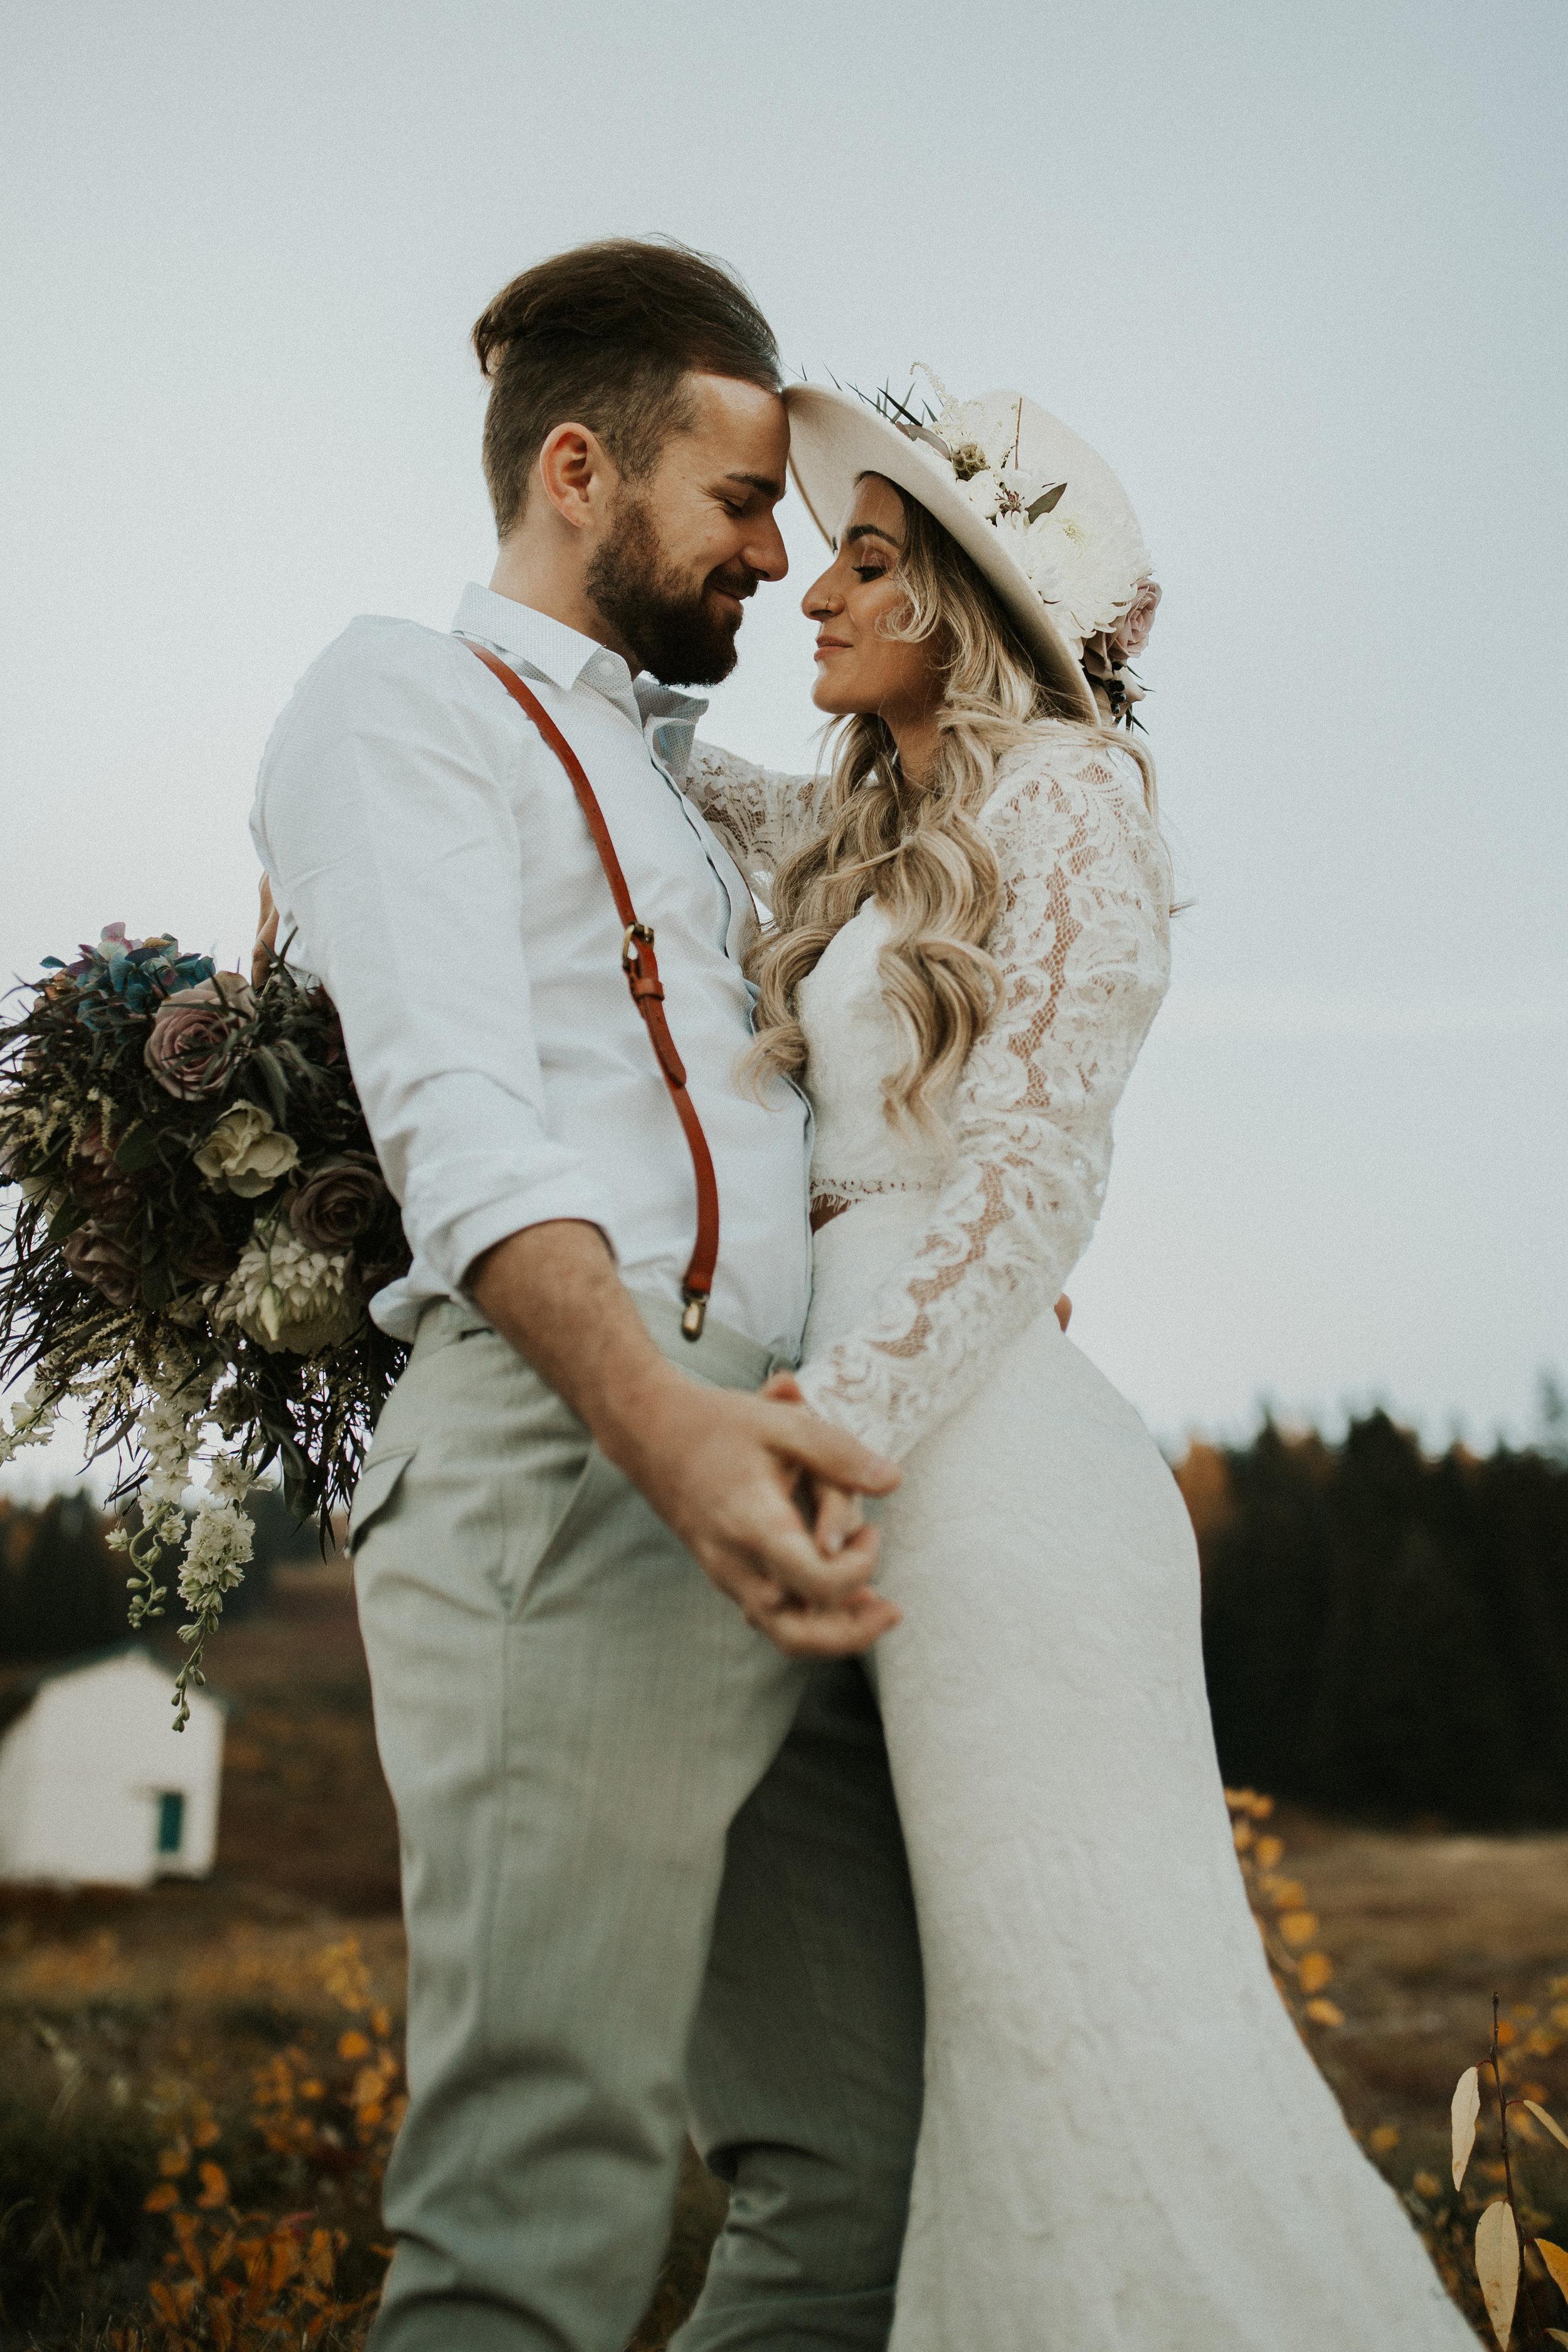 mt spokane wedding photo shoot image